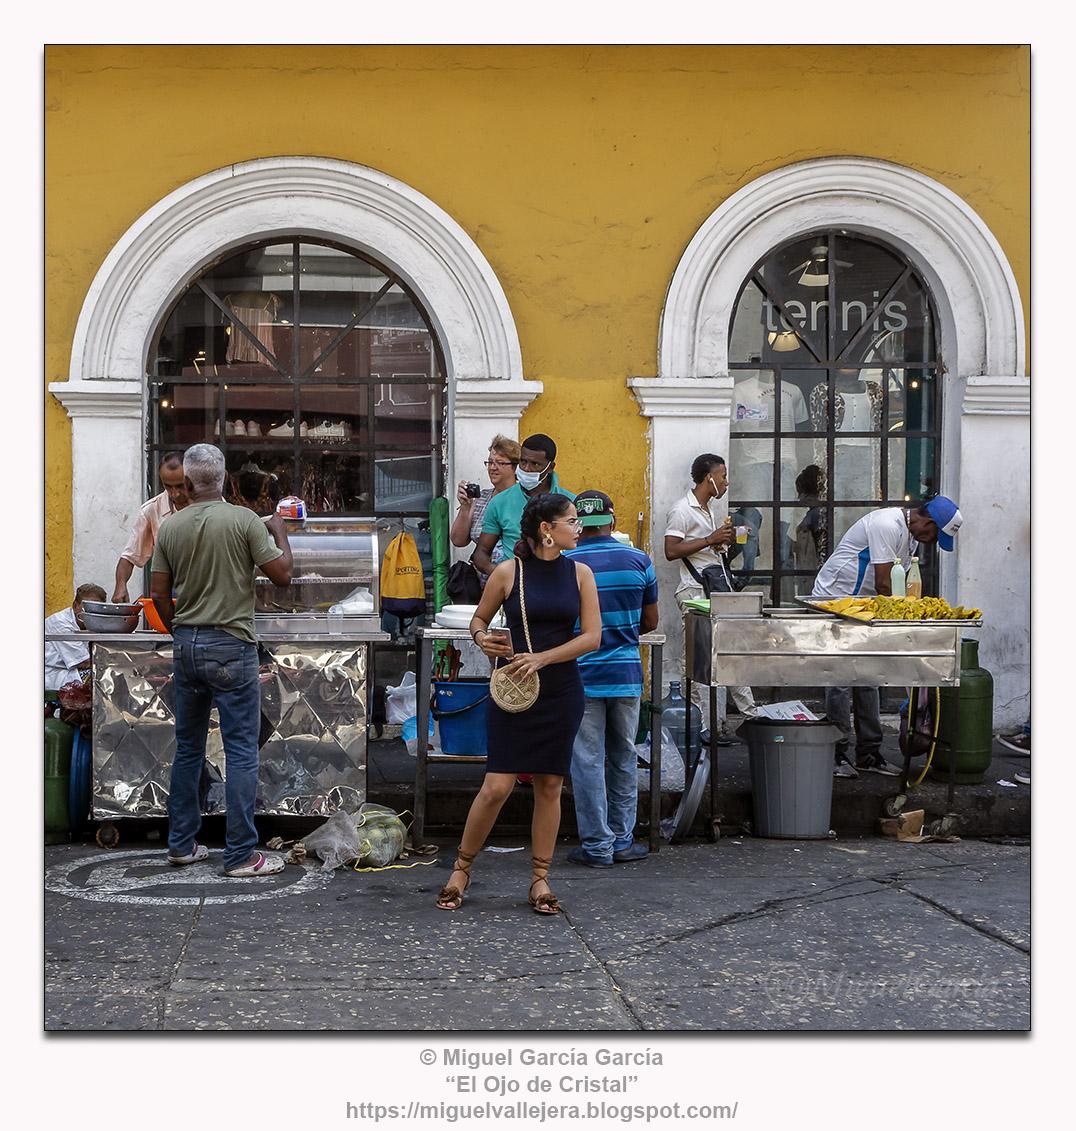 Puestos de comida callejera. Cartagena de Indias, Colombia.